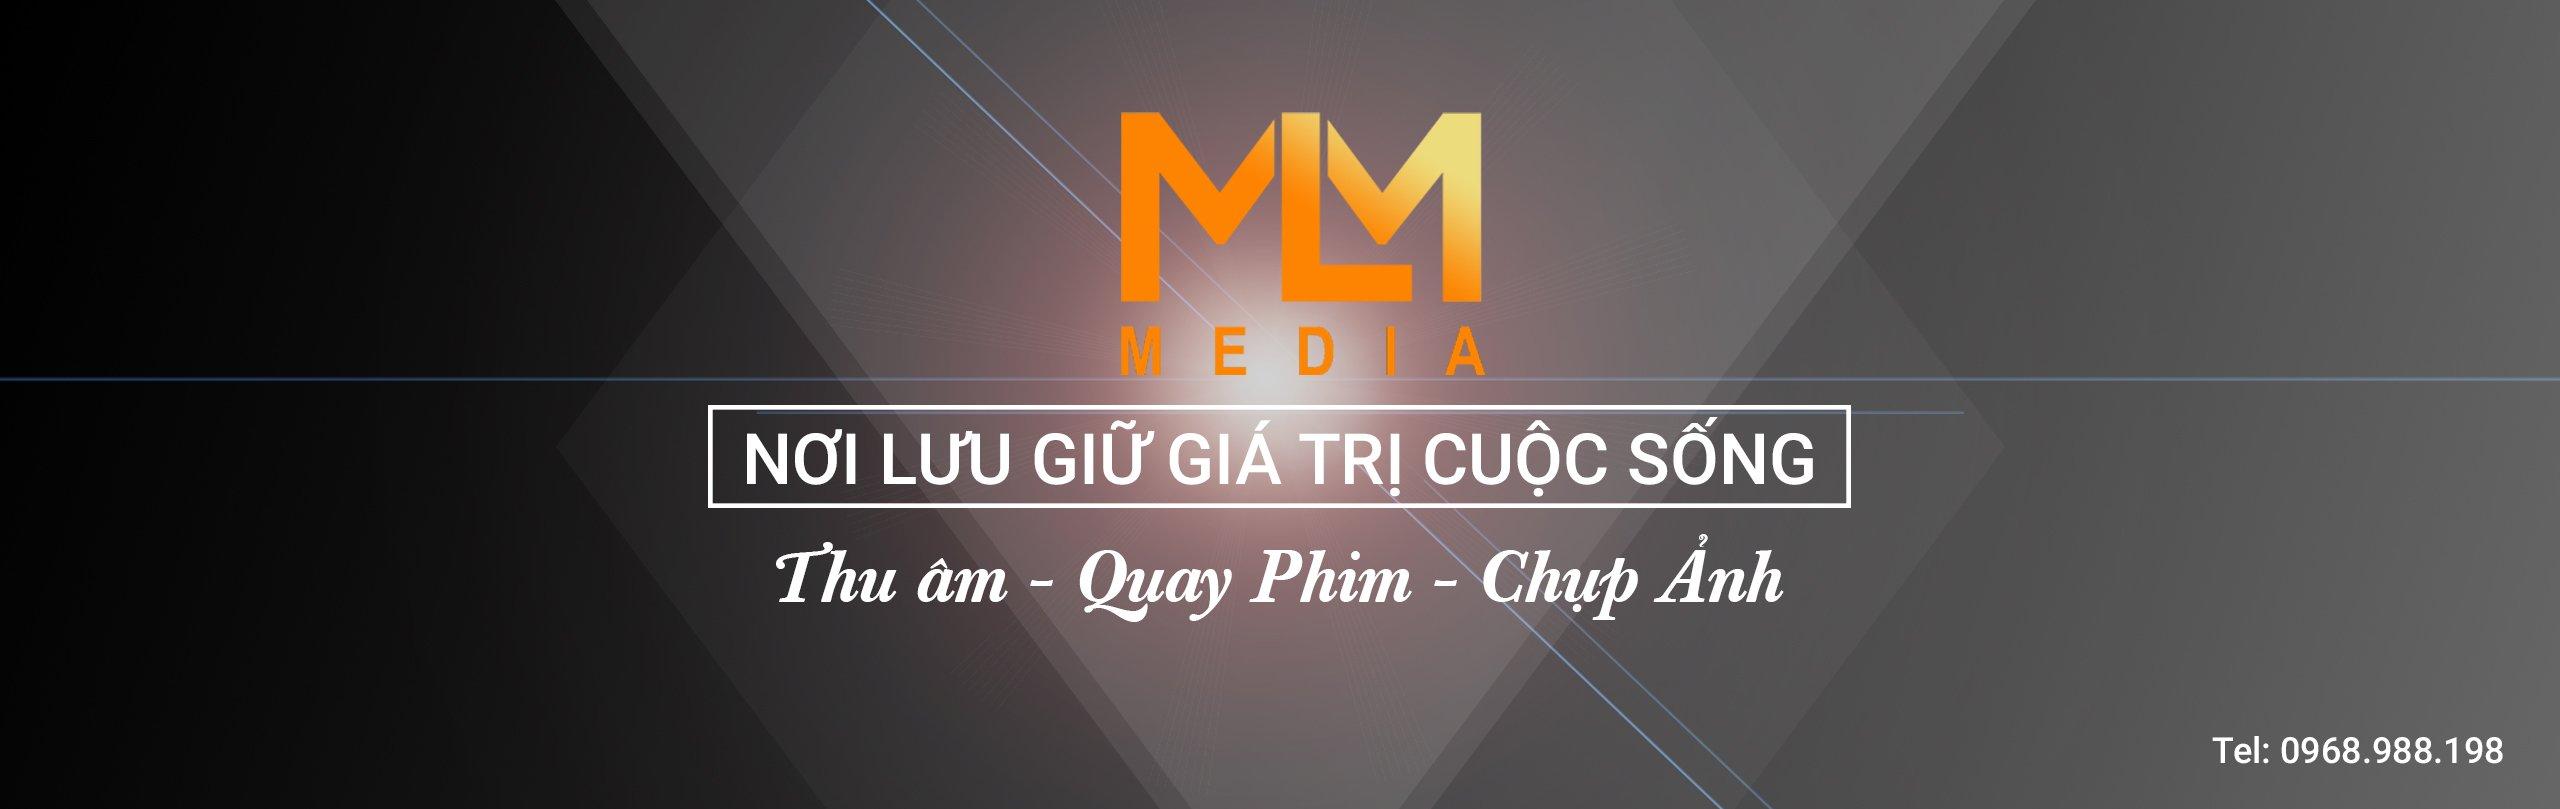 MLM media